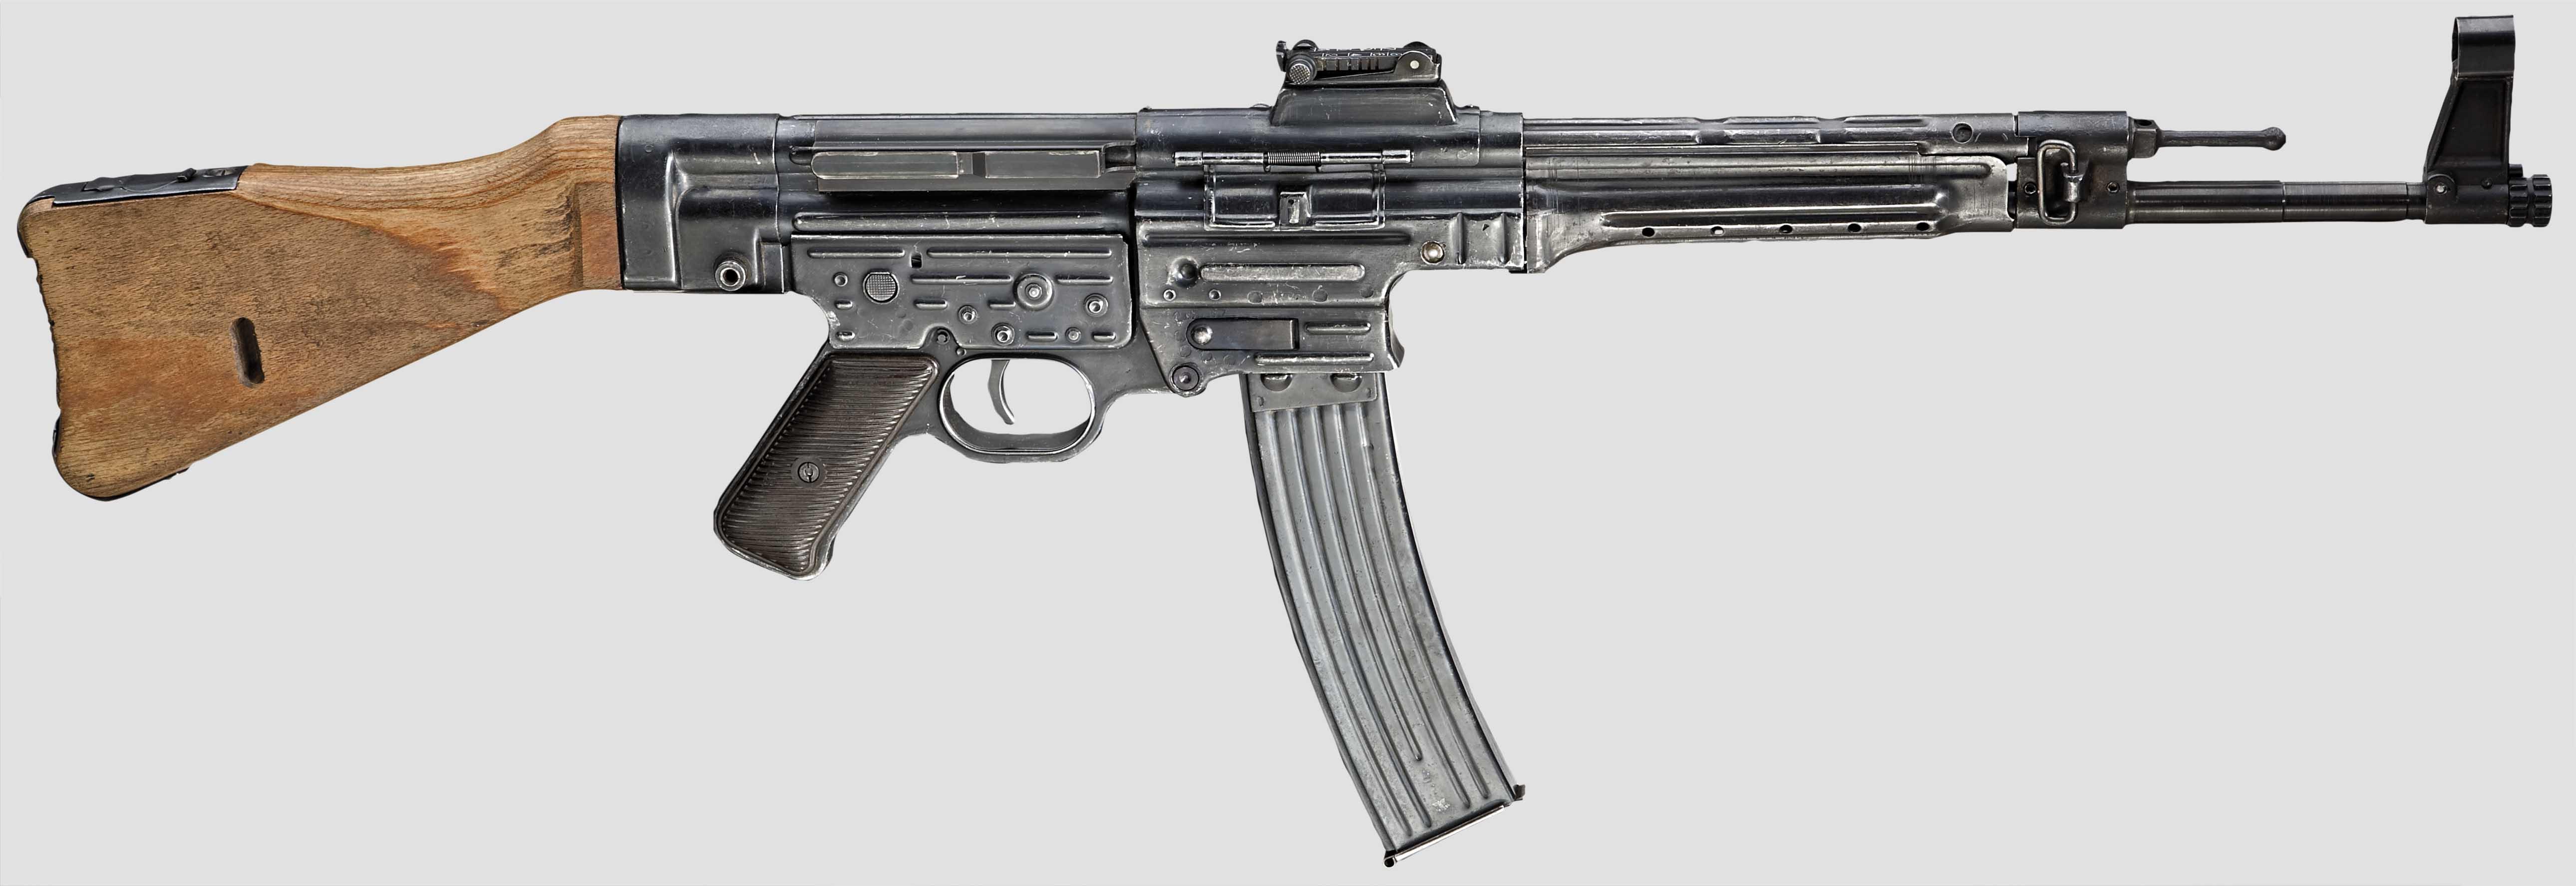 einstellbare Armschutz-Schutzh/ülle hitzebest/ändige Armhand Armschutz-Schutzh/ülsen f/ür Stahlwerkarbeiten Feuerarbeiten